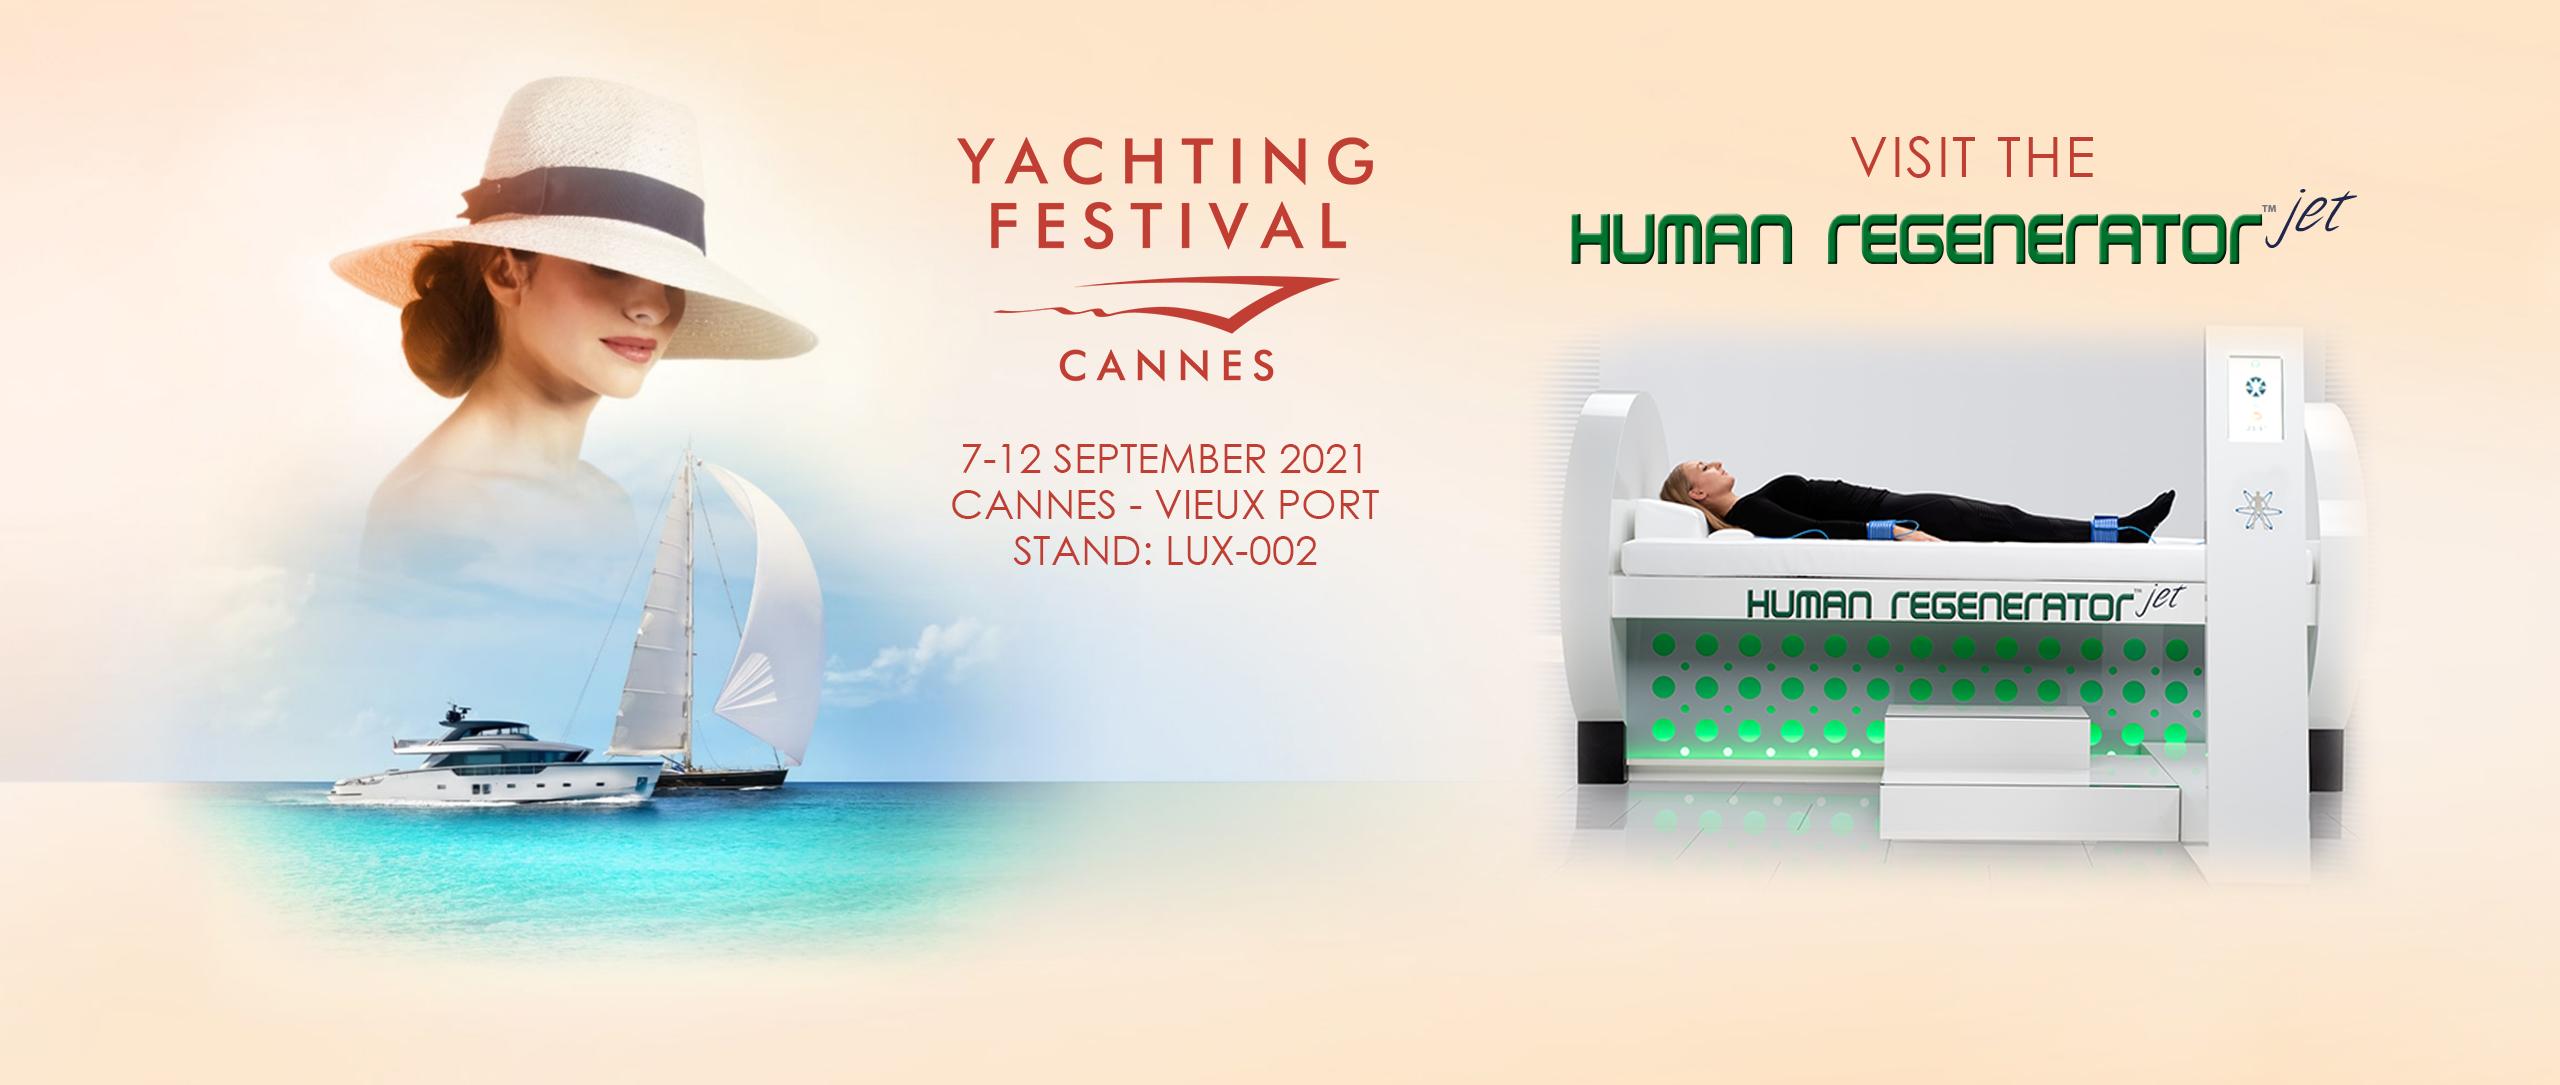 yachting3